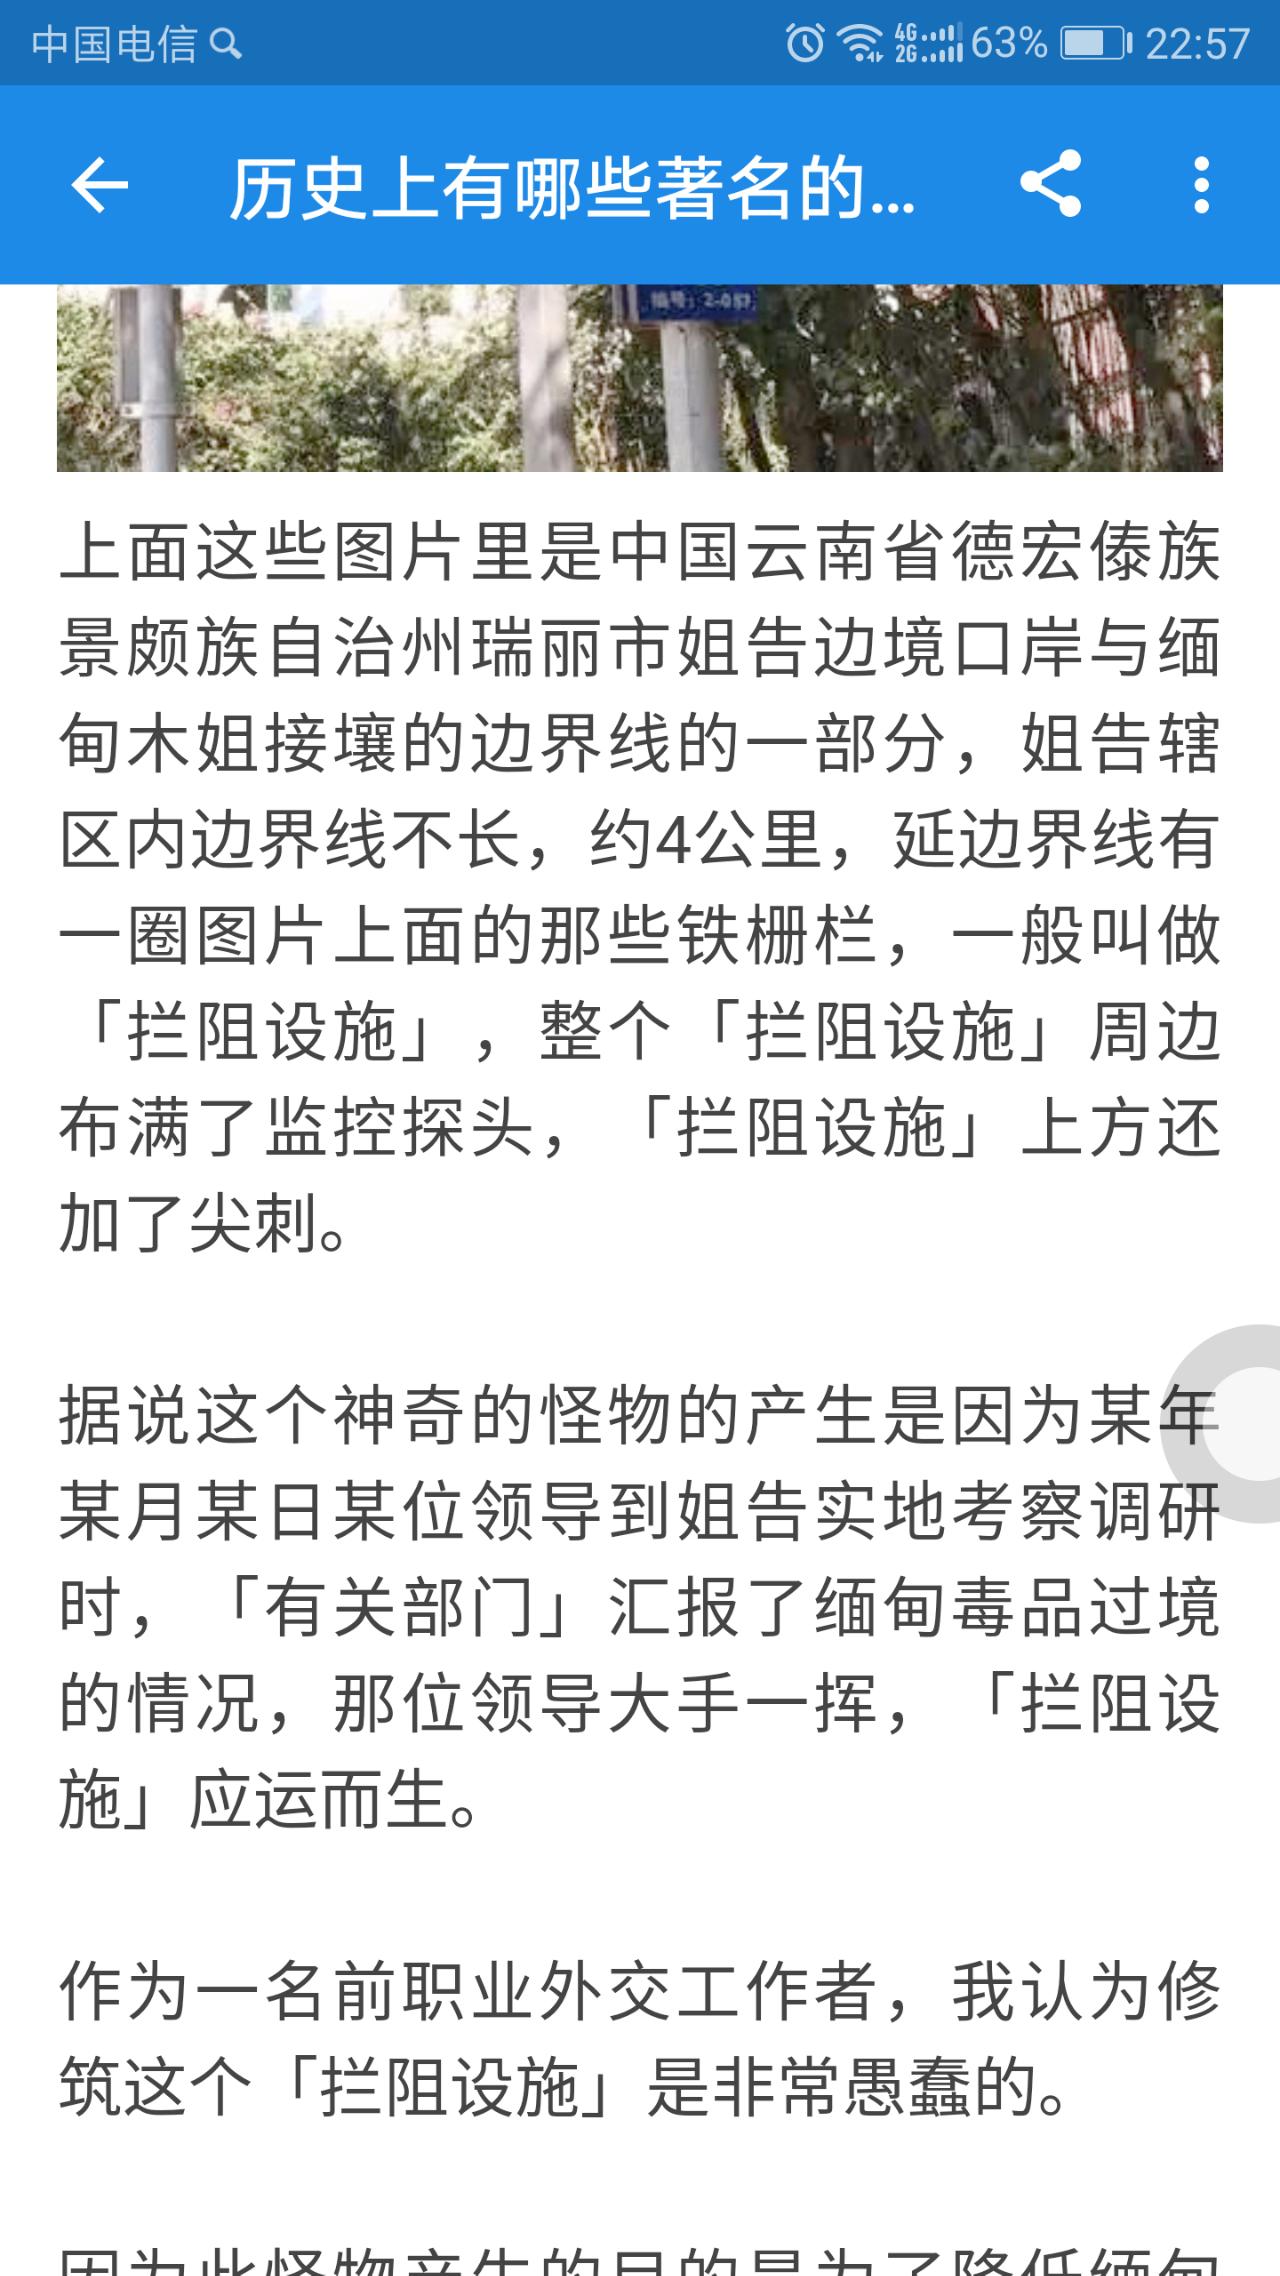 中国国境线边中国一侧连绵不停的铁丝网到底为什么要修? 第1张图片